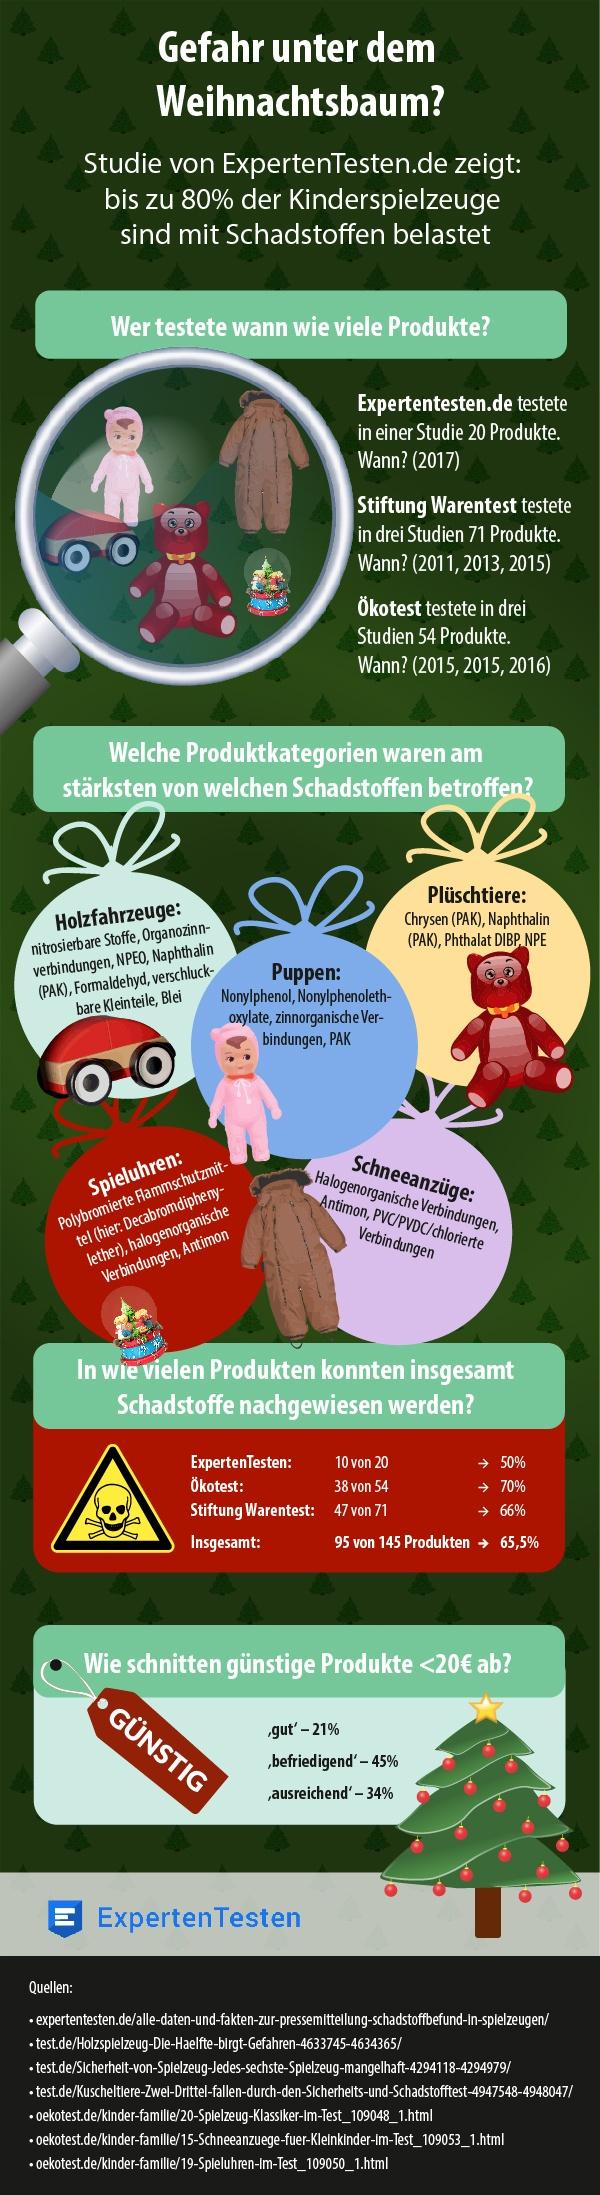 Infografik ExpertenTesten Gefahr unterm Weihnachtsbaum